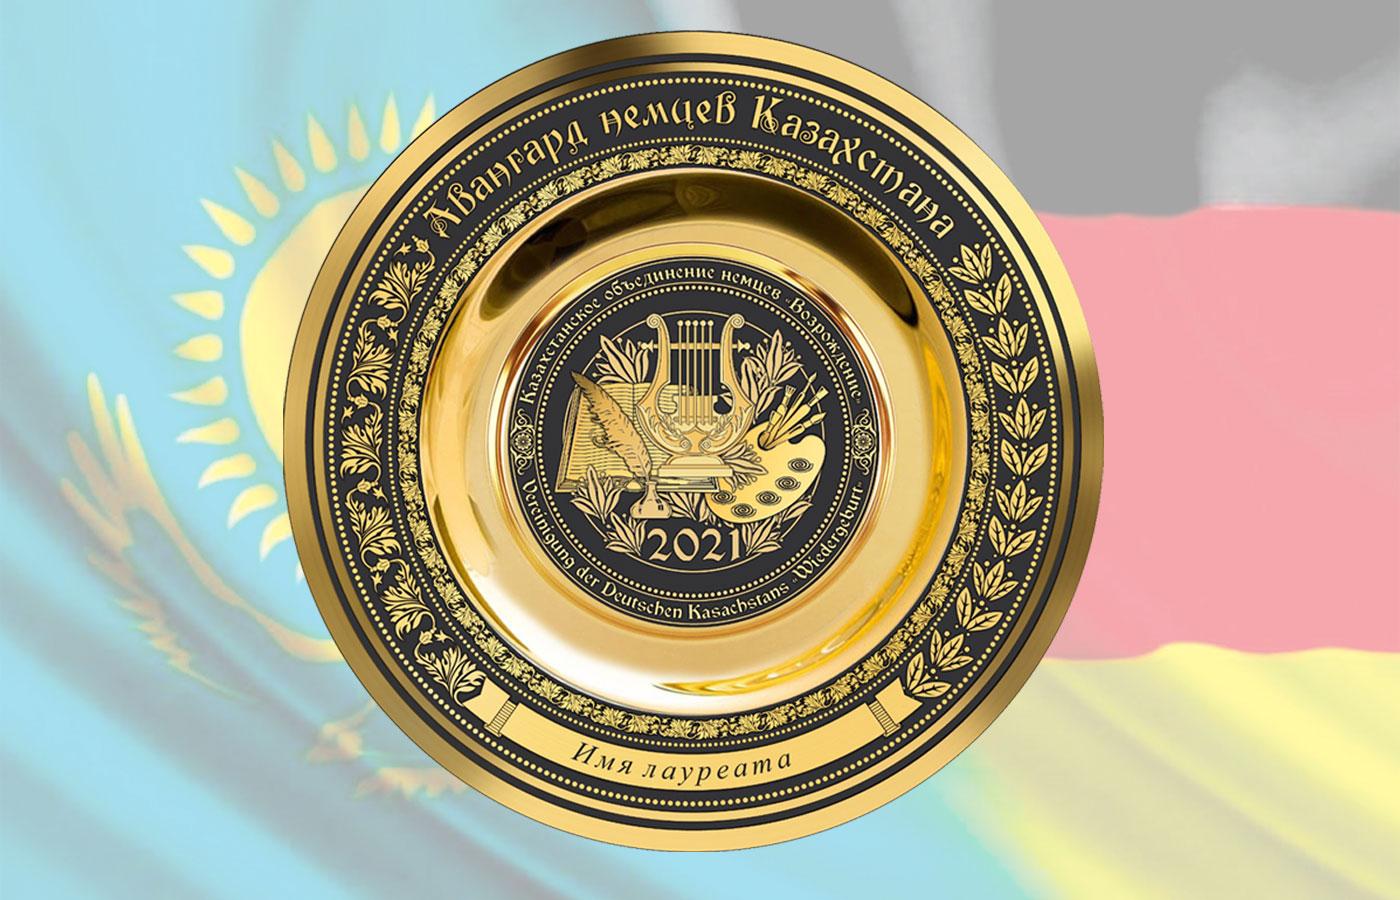 Die Deutschen Kasachstans wählen die Avantgarde